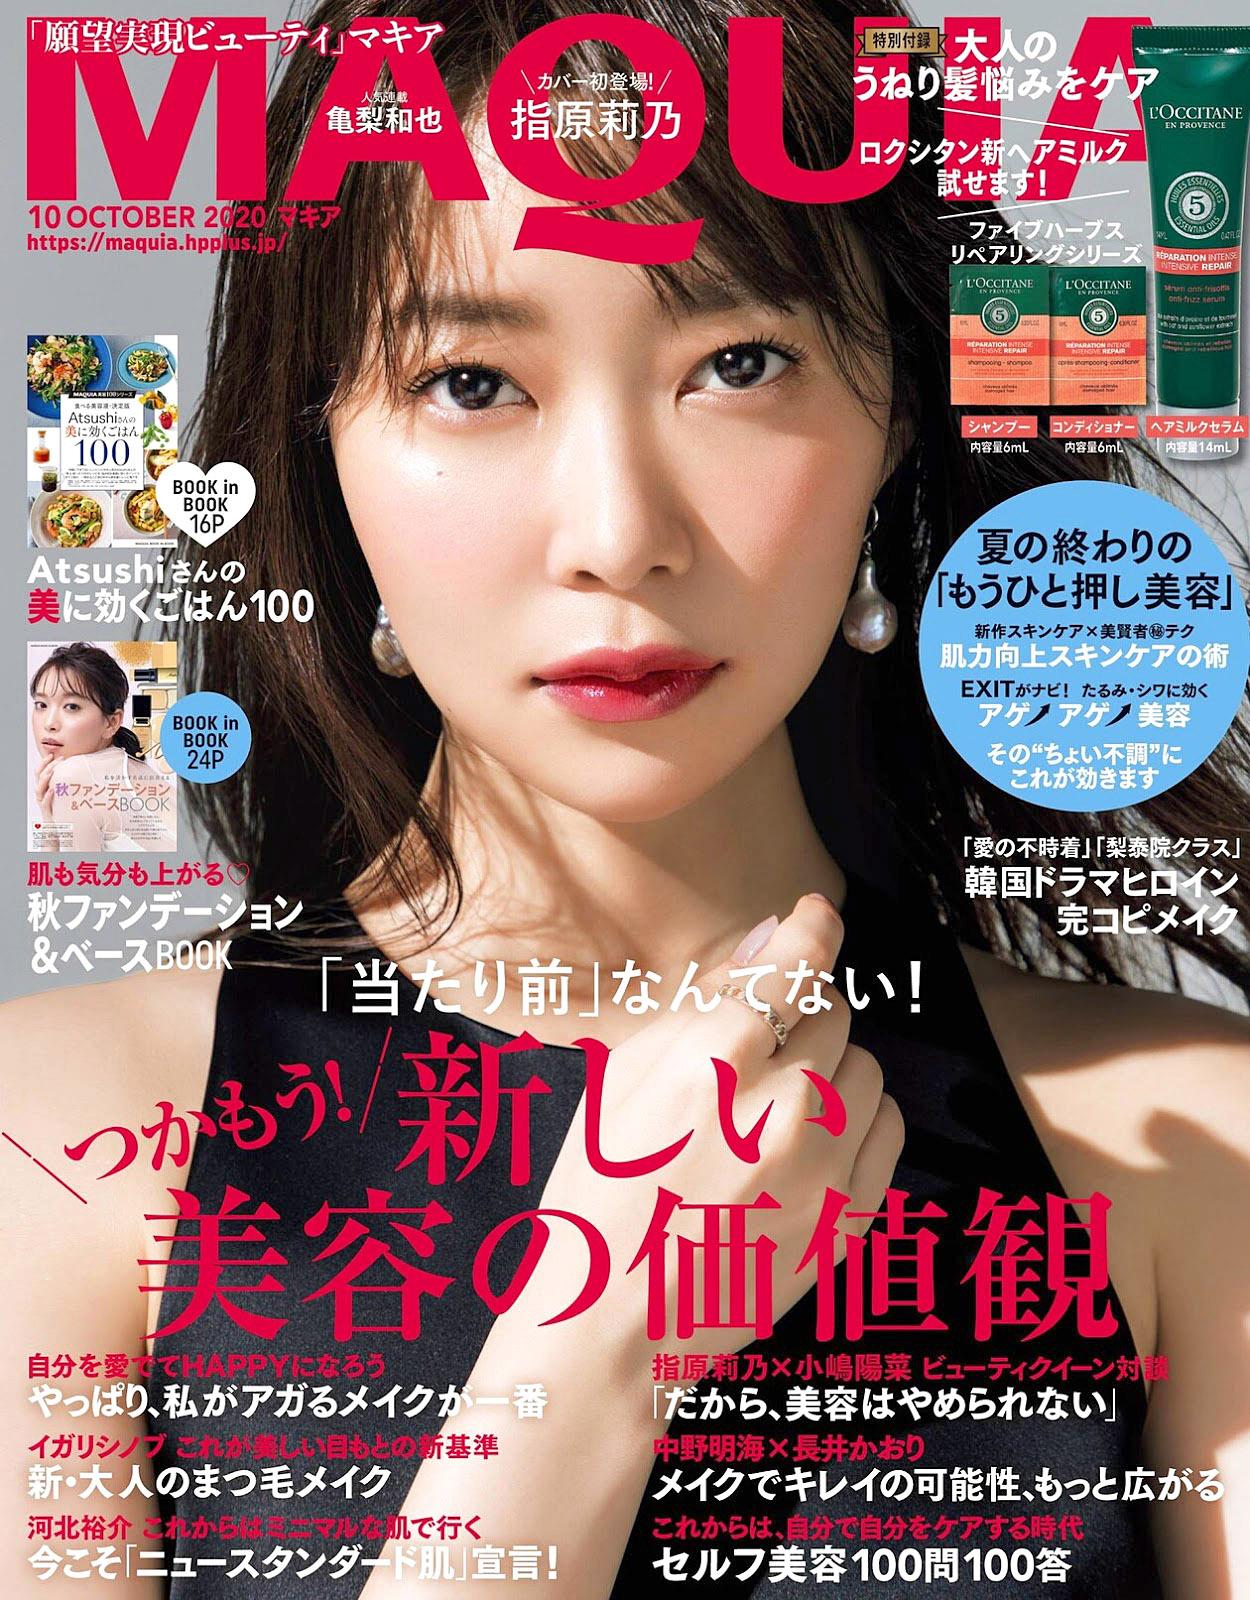 RSashihara HKojima Maquia 2010 01.jpg